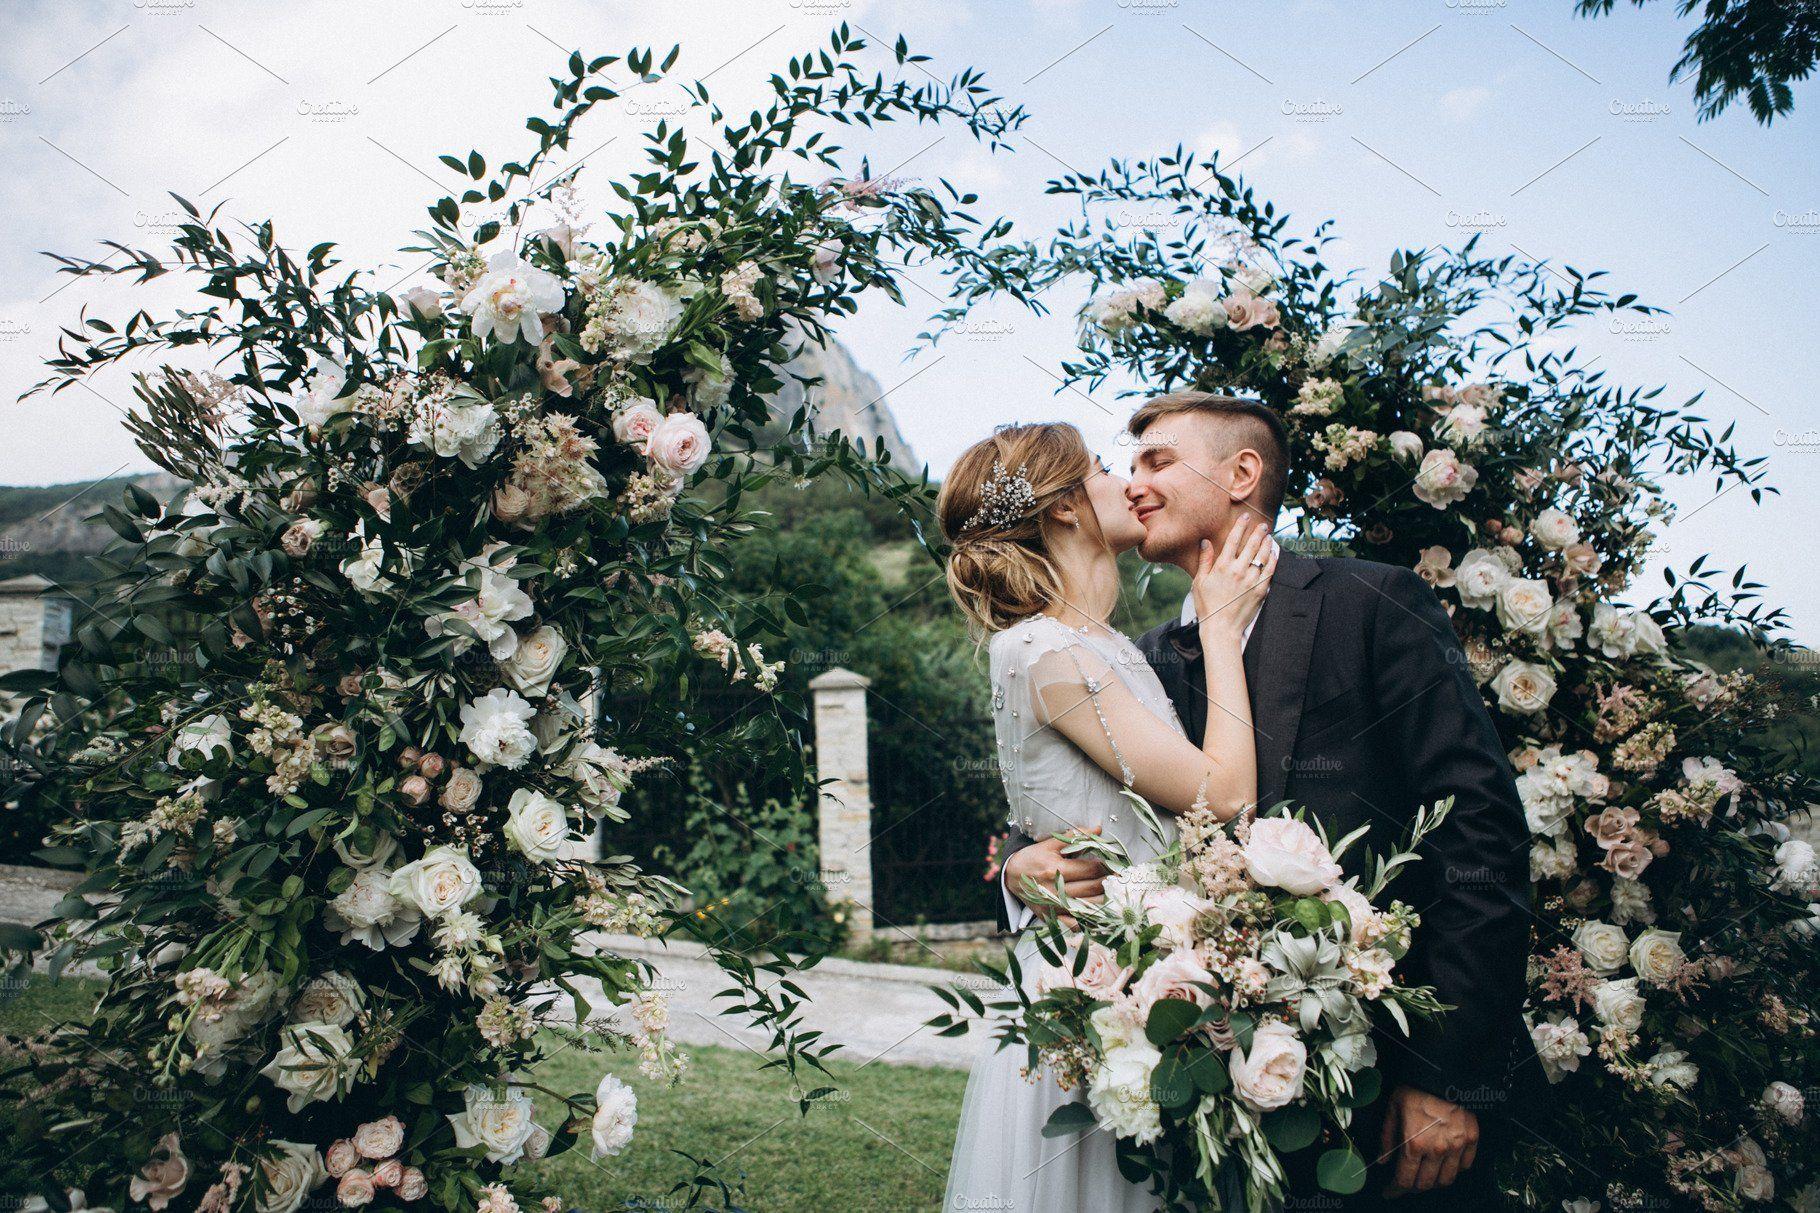 Sweet Wedding Kiss On Ceremony Wedding Kiss Beautiful Weddings Wedding